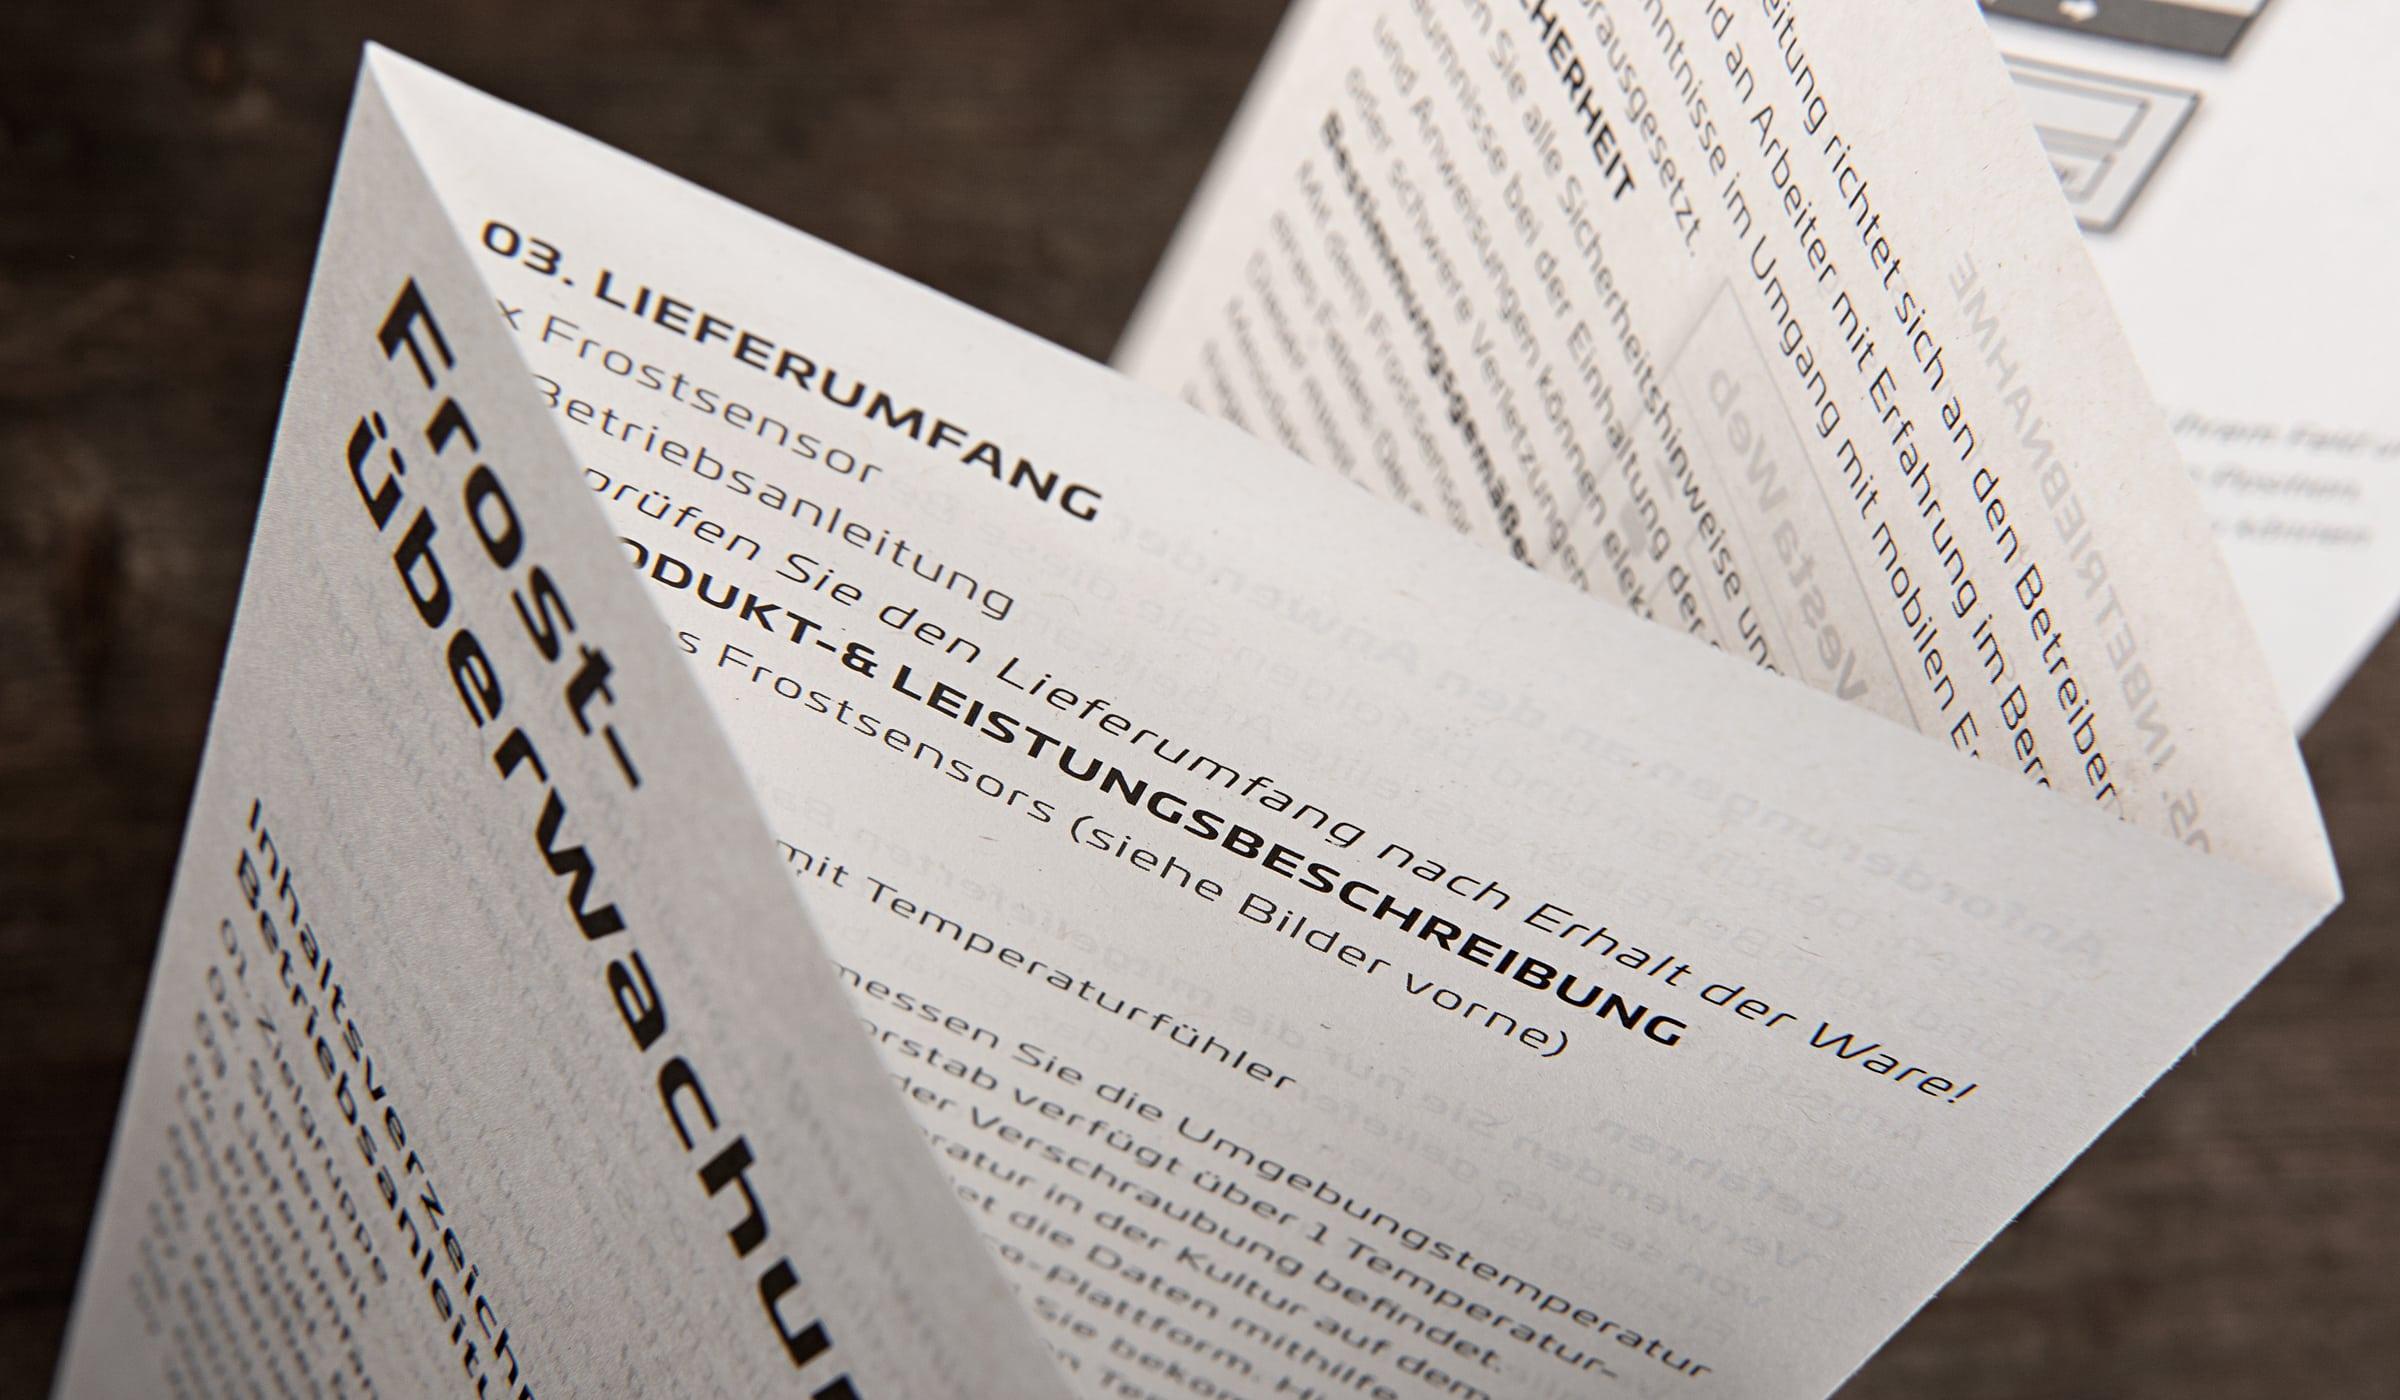 Branding/ Konzeptarbeit/ Corporate Design/ Bedienungsanleitung/ sesyco – eine Marke der Rms.lu S.A. Luxemburg/ Brand Design/ Logo/ KERSTIN MICHELS – DESIGN/ Designagentur/ Werbeagentur/ Grafikdesign/ Kommunikationsdesign/ Hermeskeil / Hochwald/ Trier/ Rheinland-Pfalz/ Werbung/ Design